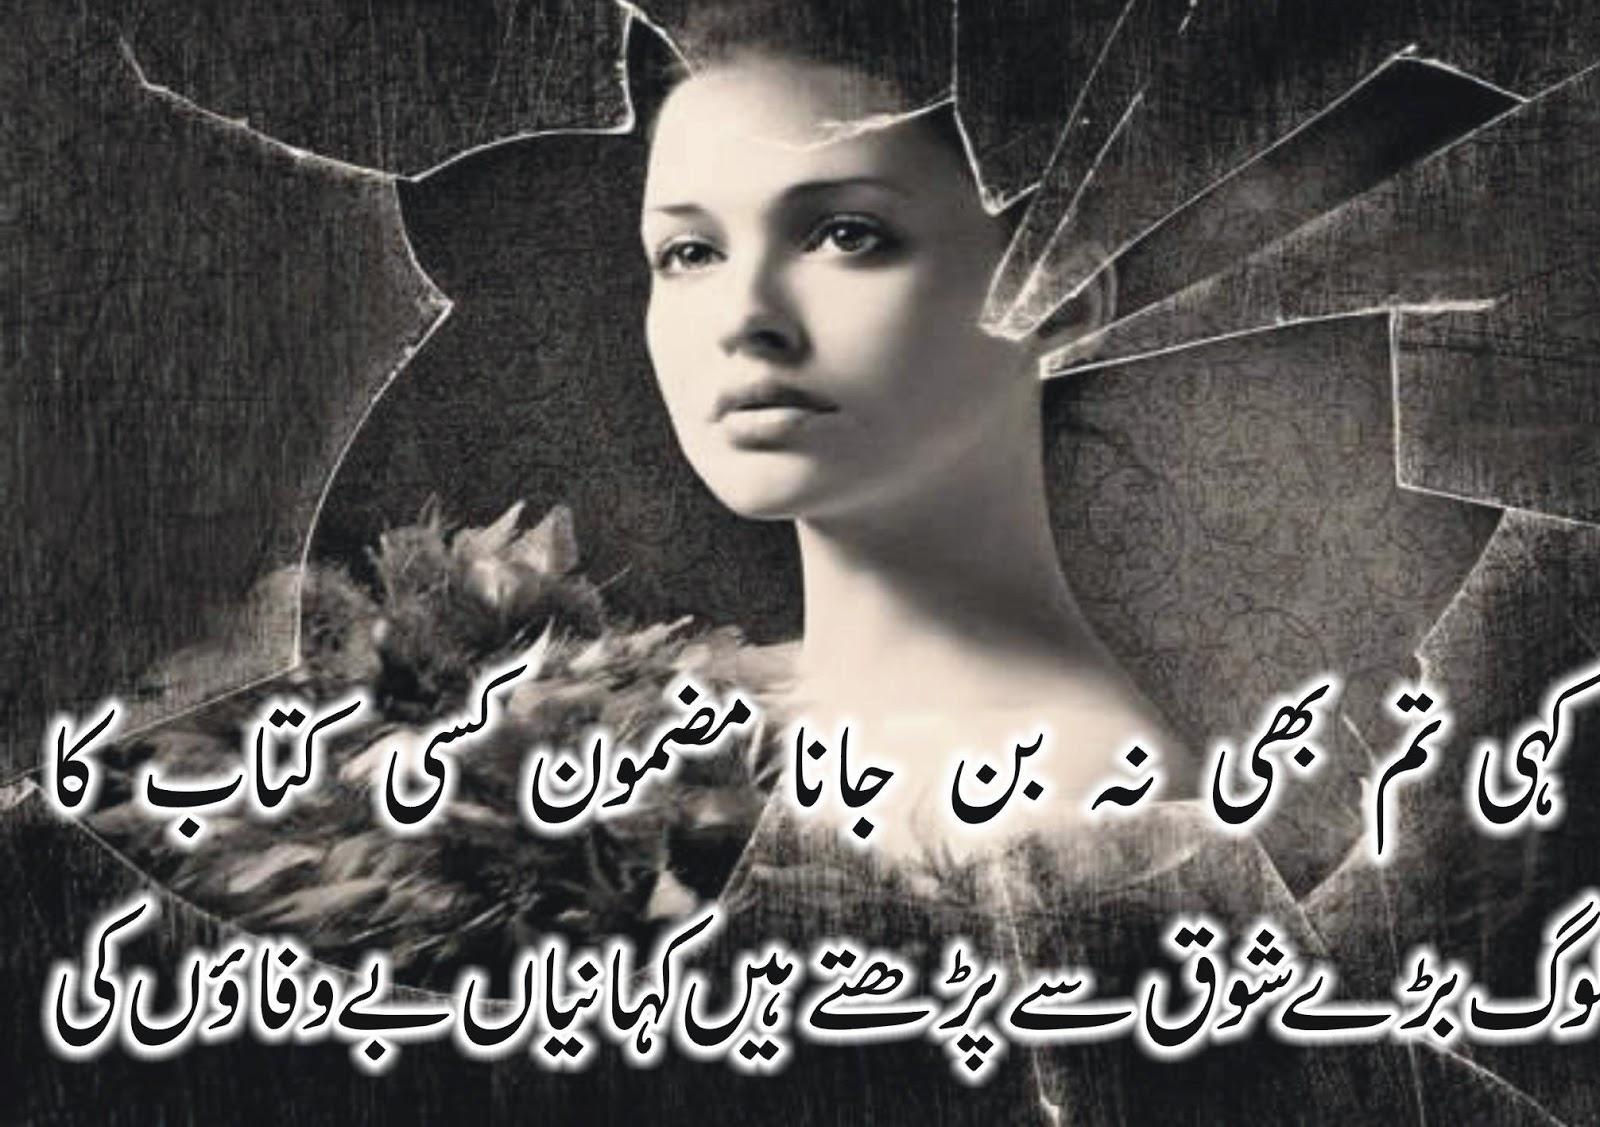 yusufjan sad poetry images